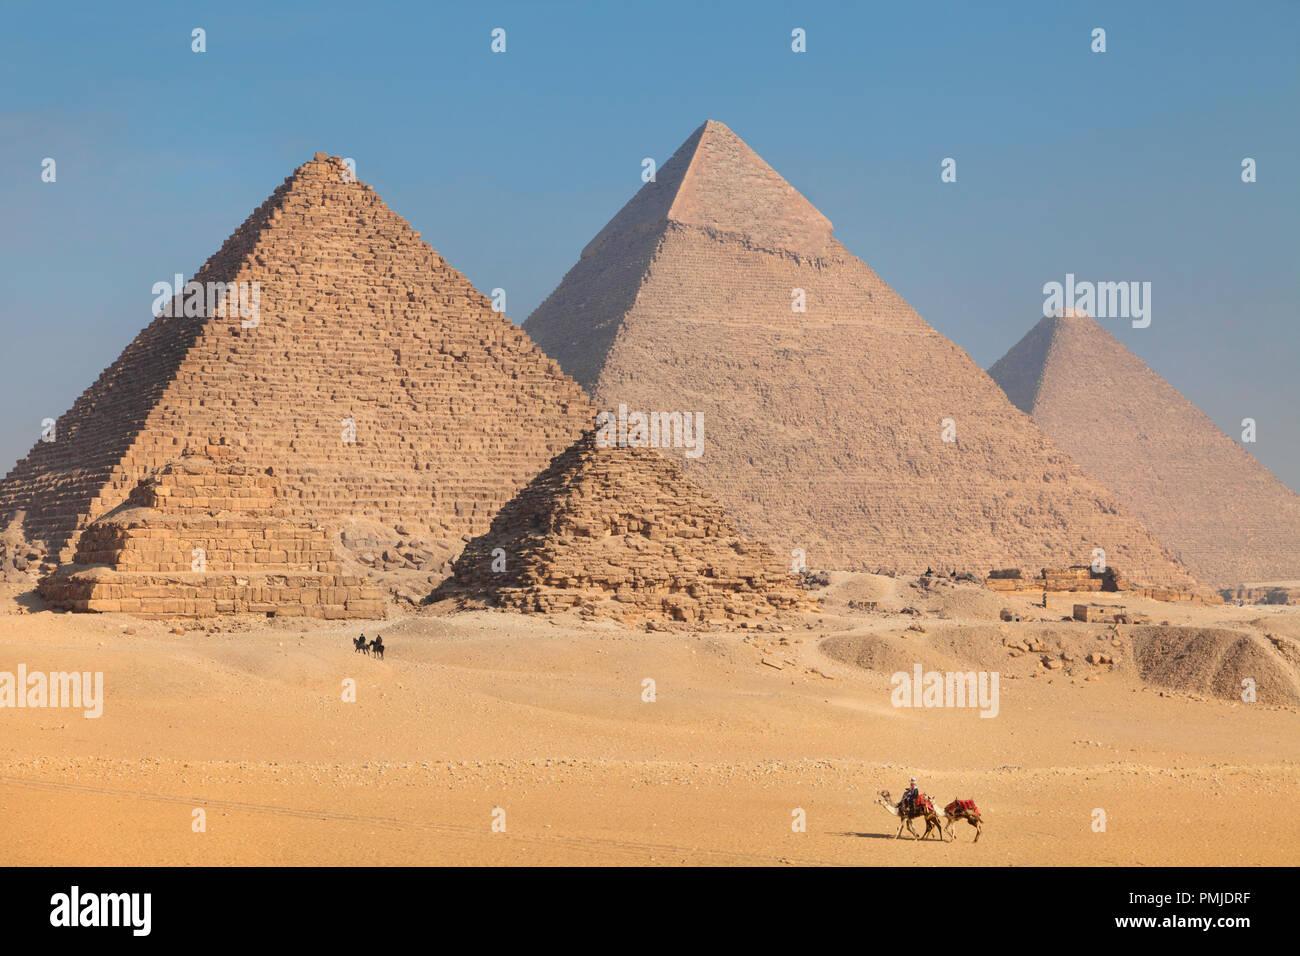 Cammelli passeggiate attraverso il deserto di sabbia su Giza altopiano presso le Grandi Piramidi d'Egitto Immagini Stock